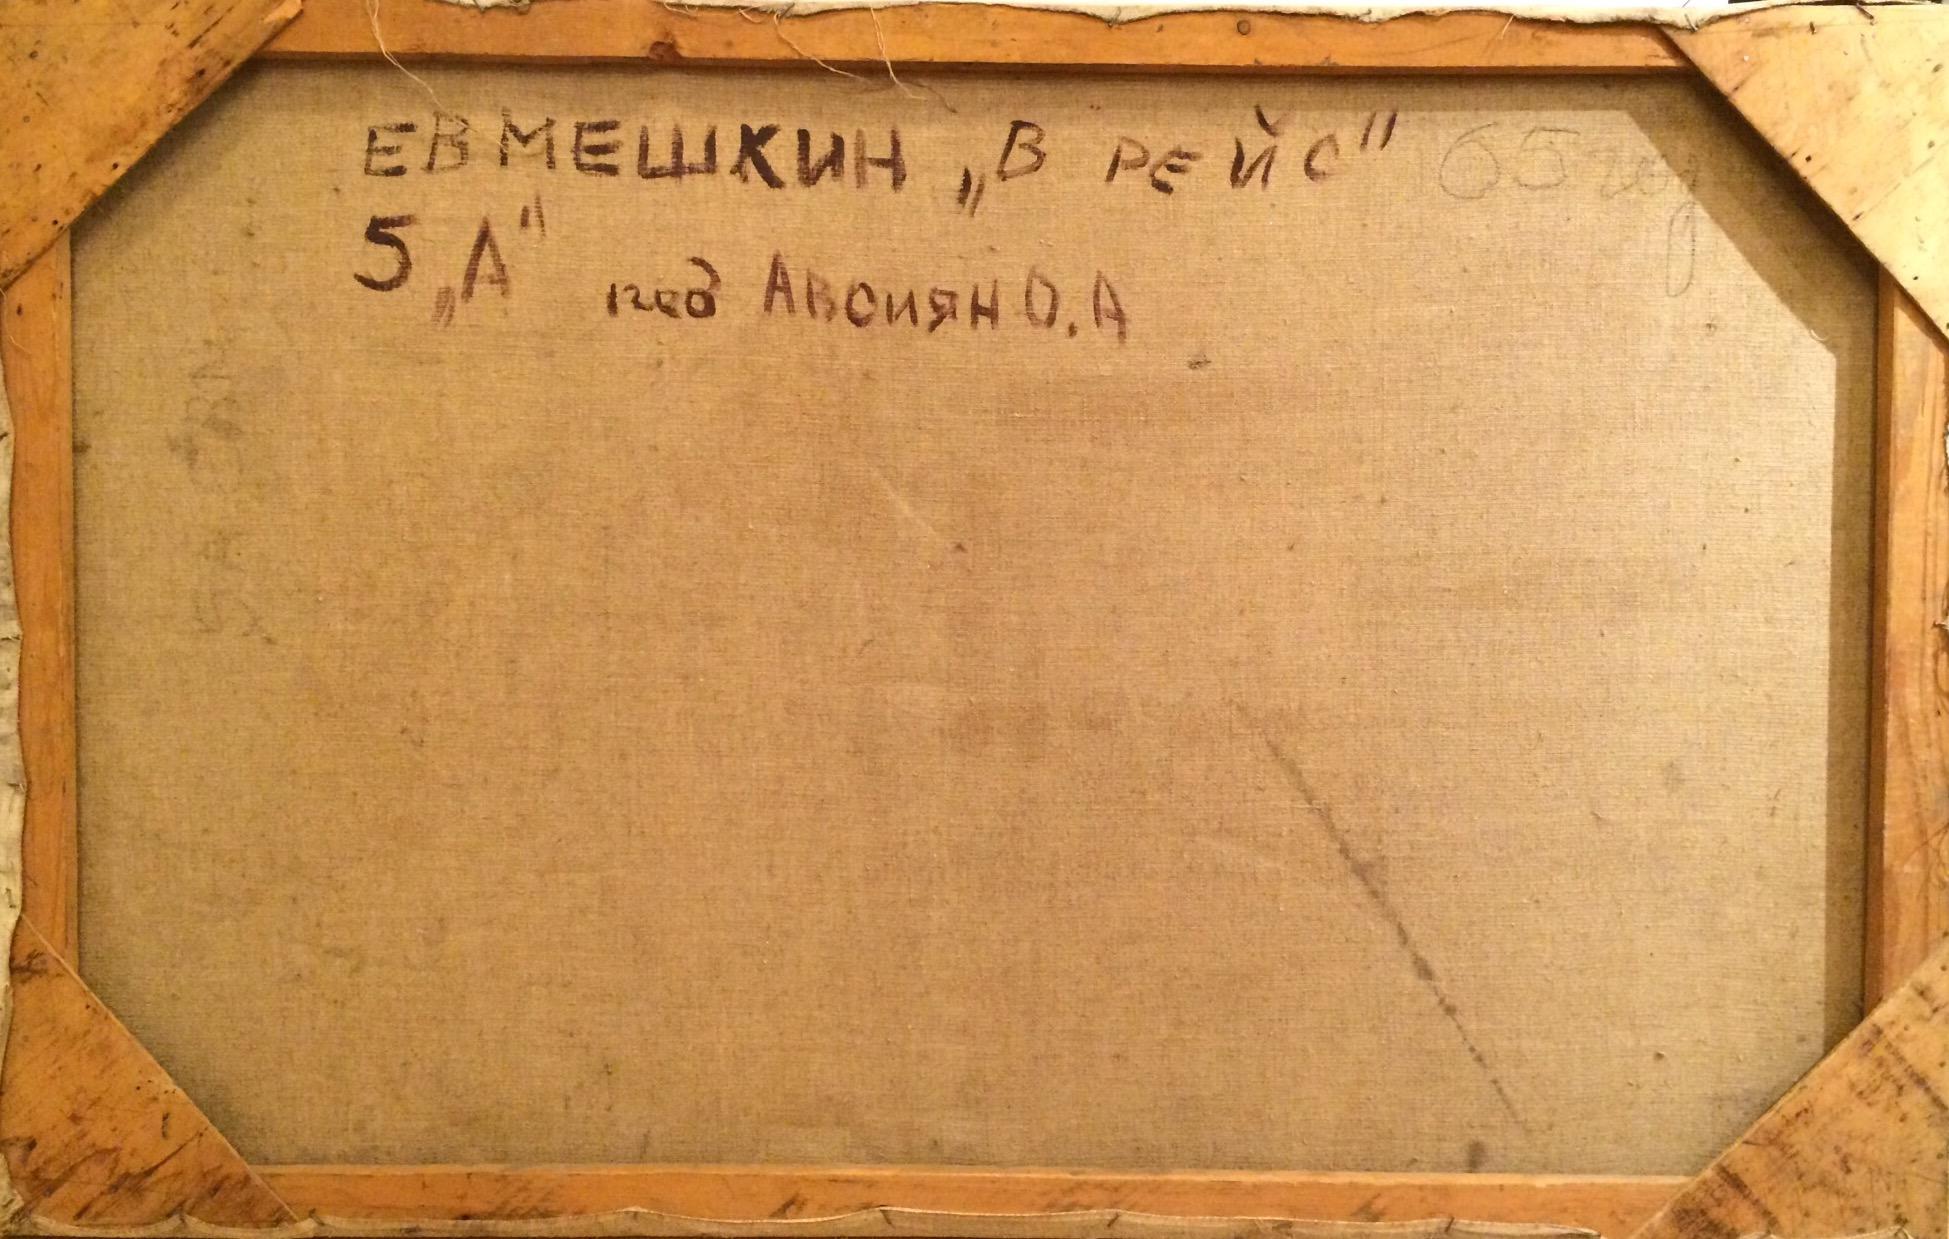 Оборот. Евмешкин Юрий Петрович. В рейс.